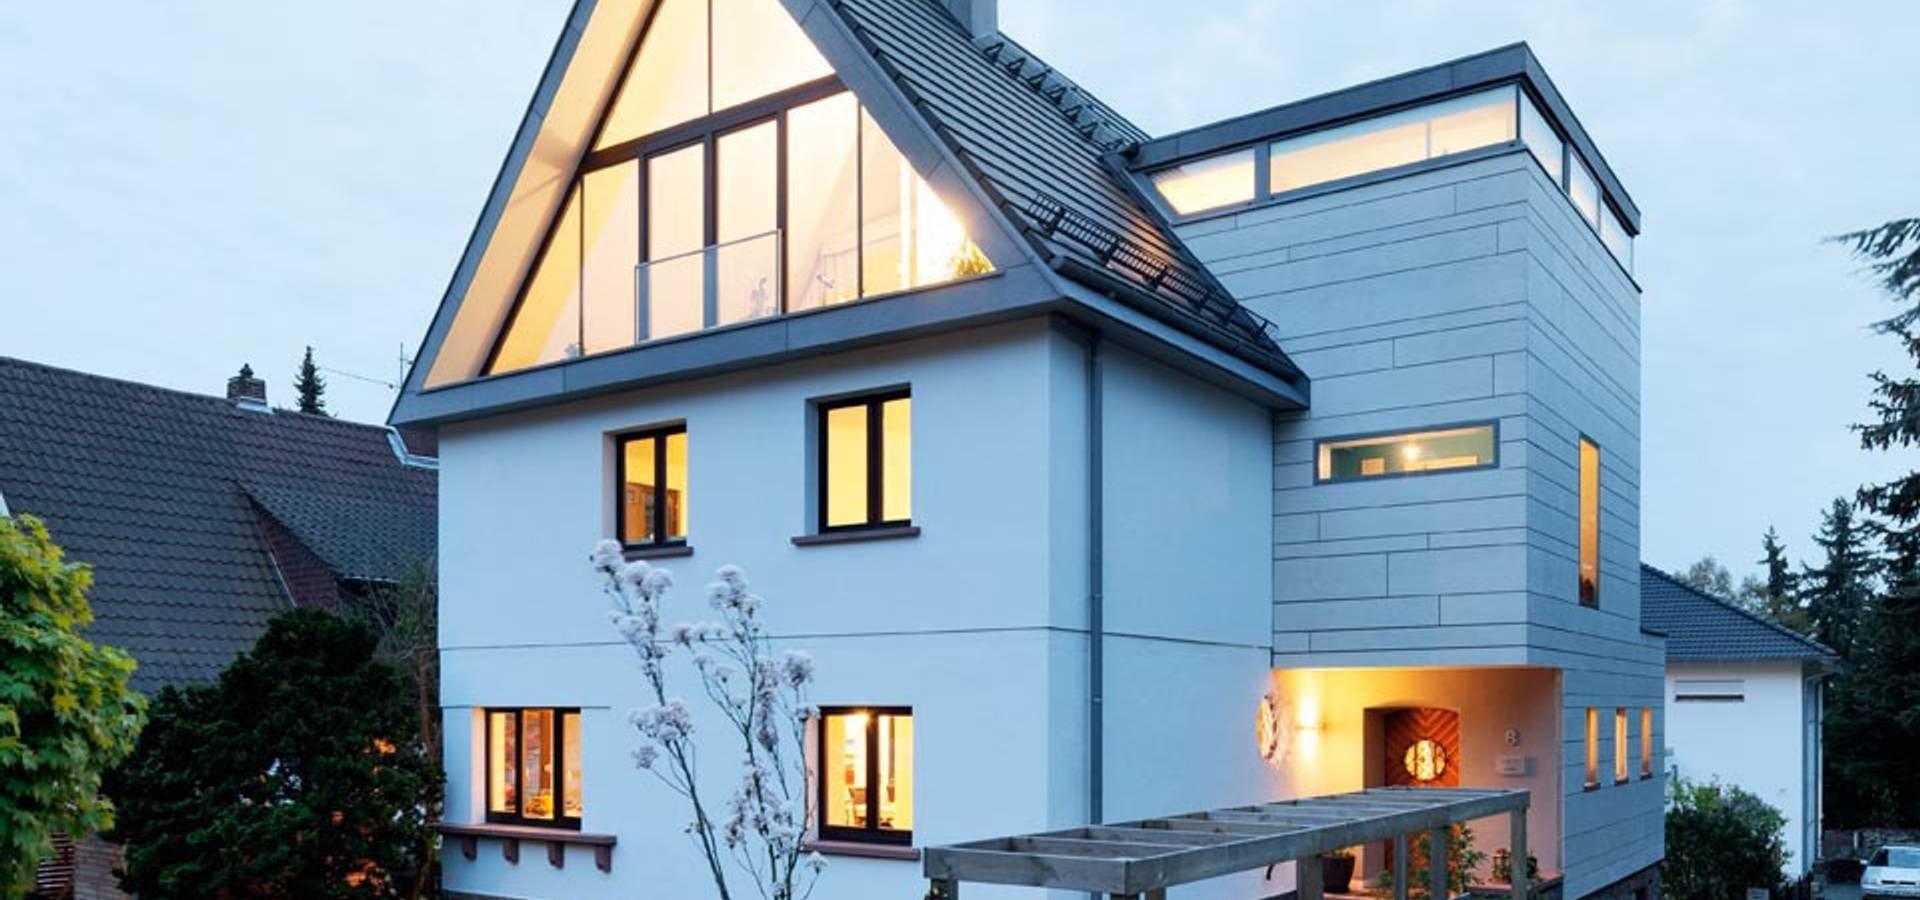 claus pretzsch architekten bda bg hanau homify. Black Bedroom Furniture Sets. Home Design Ideas